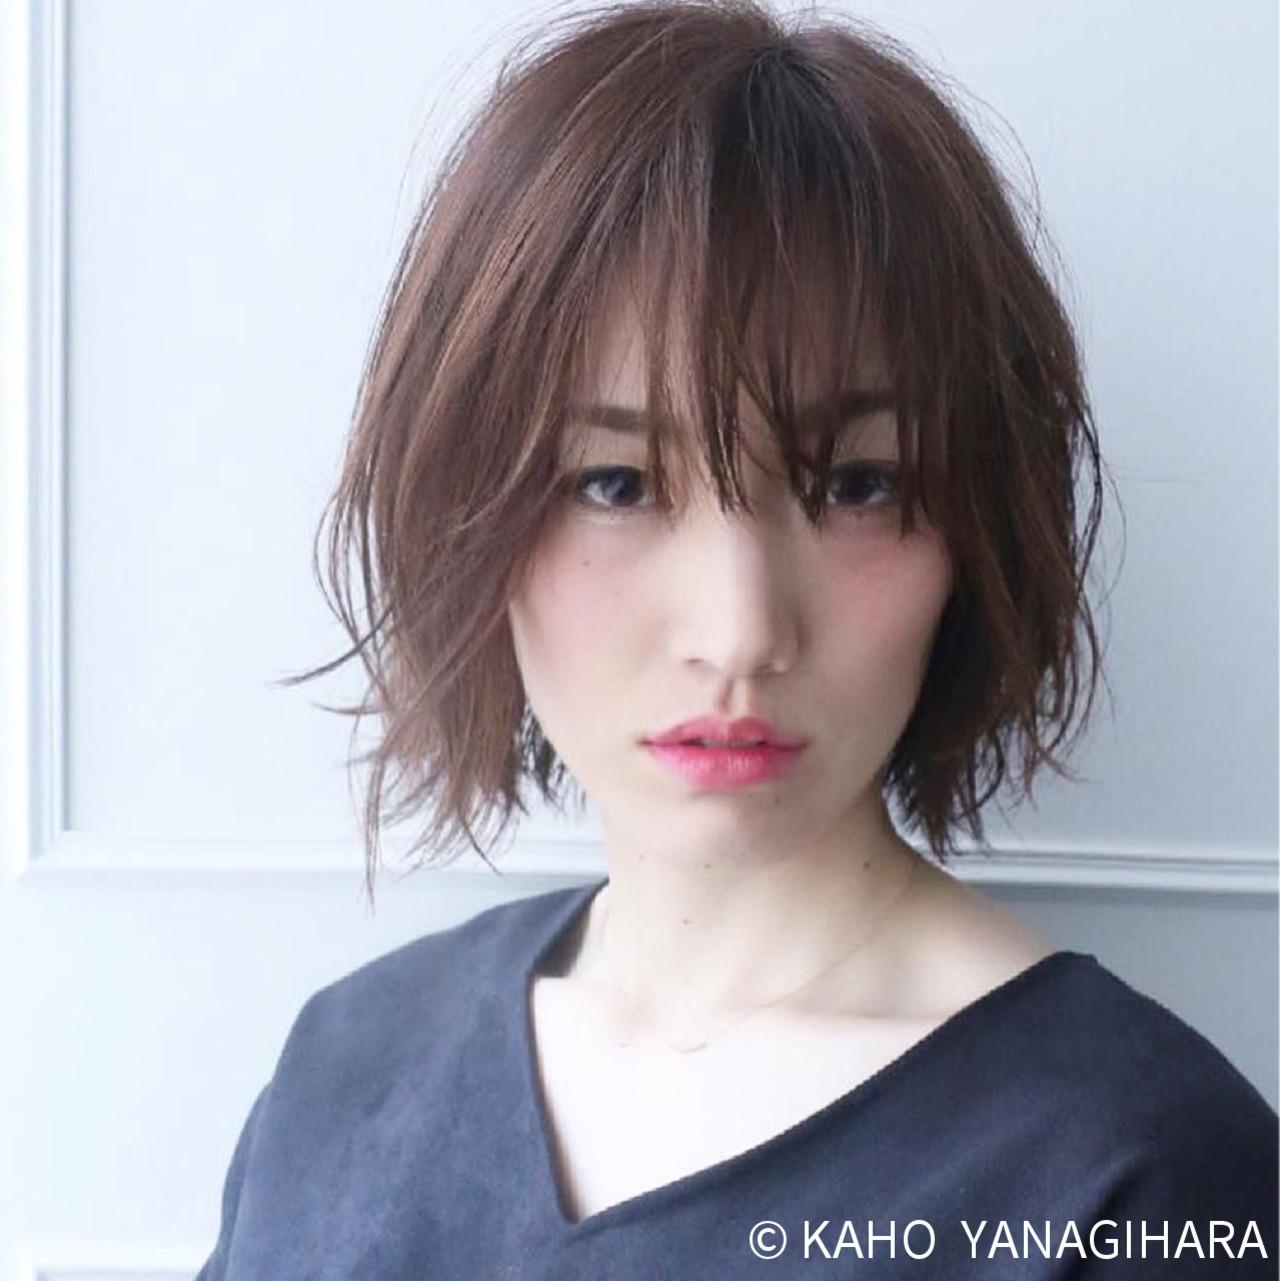 ナチュラル ショートボブ ボブ ショート ヘアスタイルや髪型の写真・画像 | KAHO YANAGIHARA /